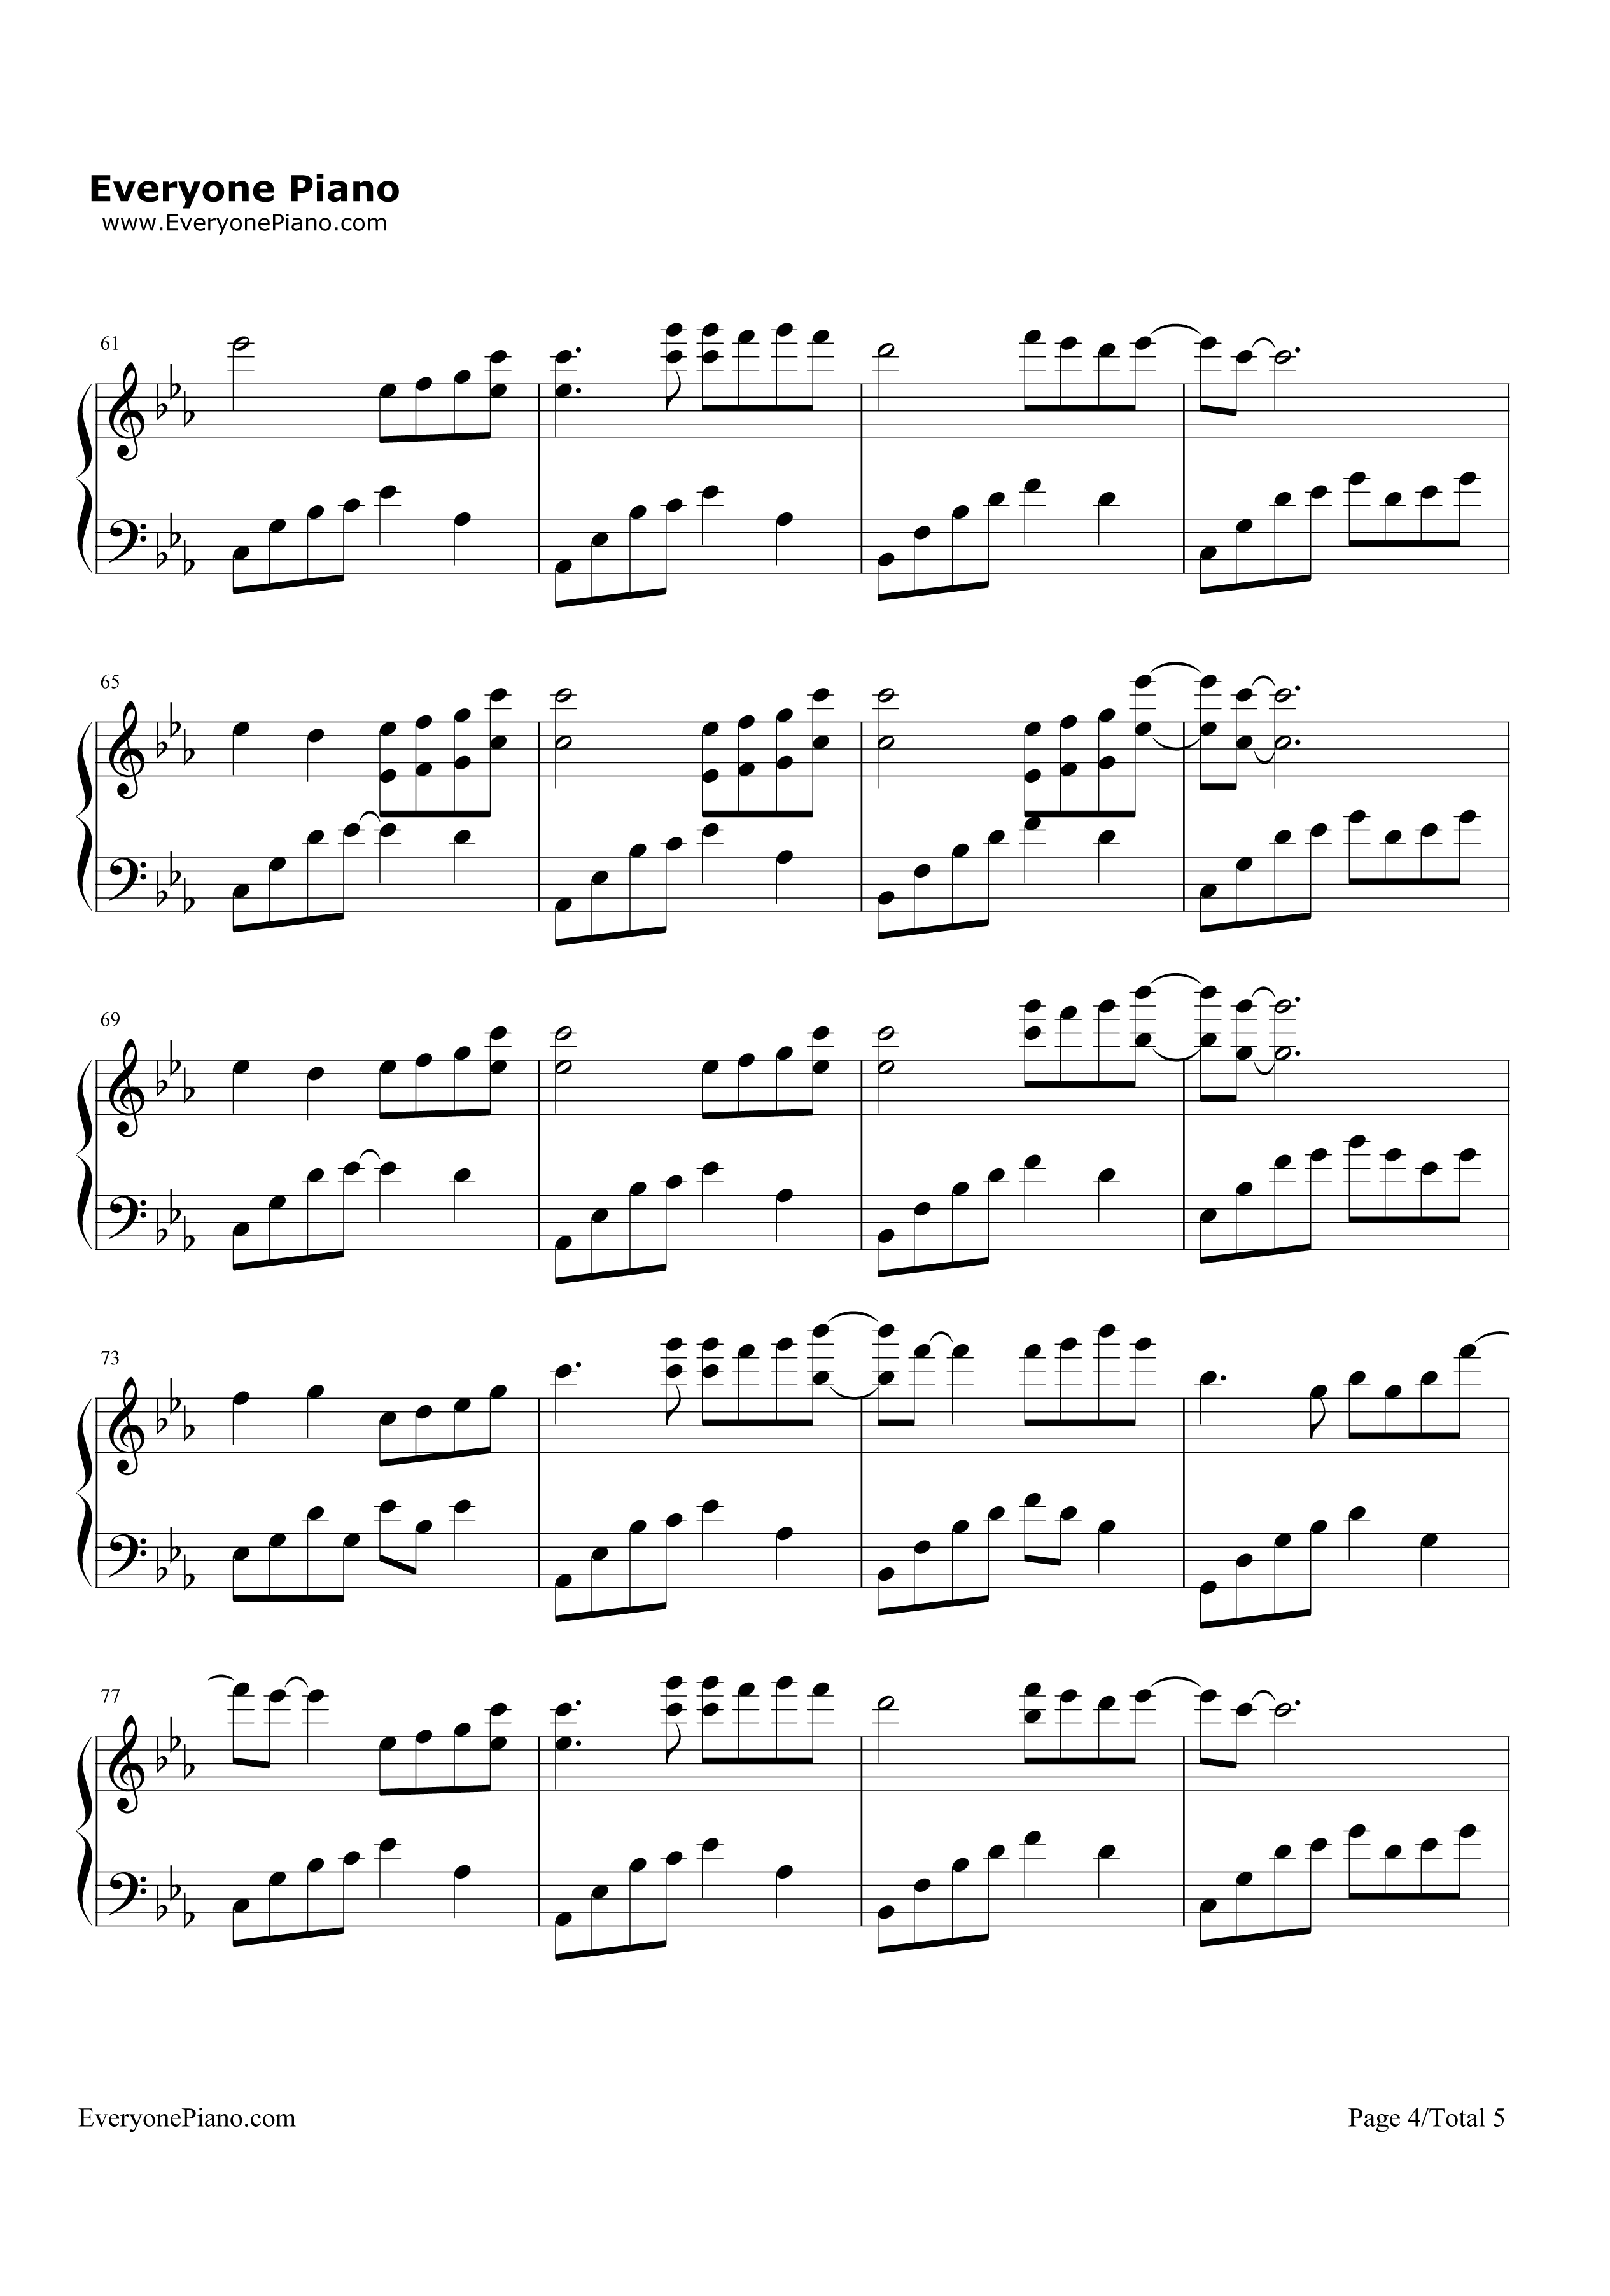 亲 给我一份 夜的钢琴曲五的钢琴谱带指法的好吗?图片